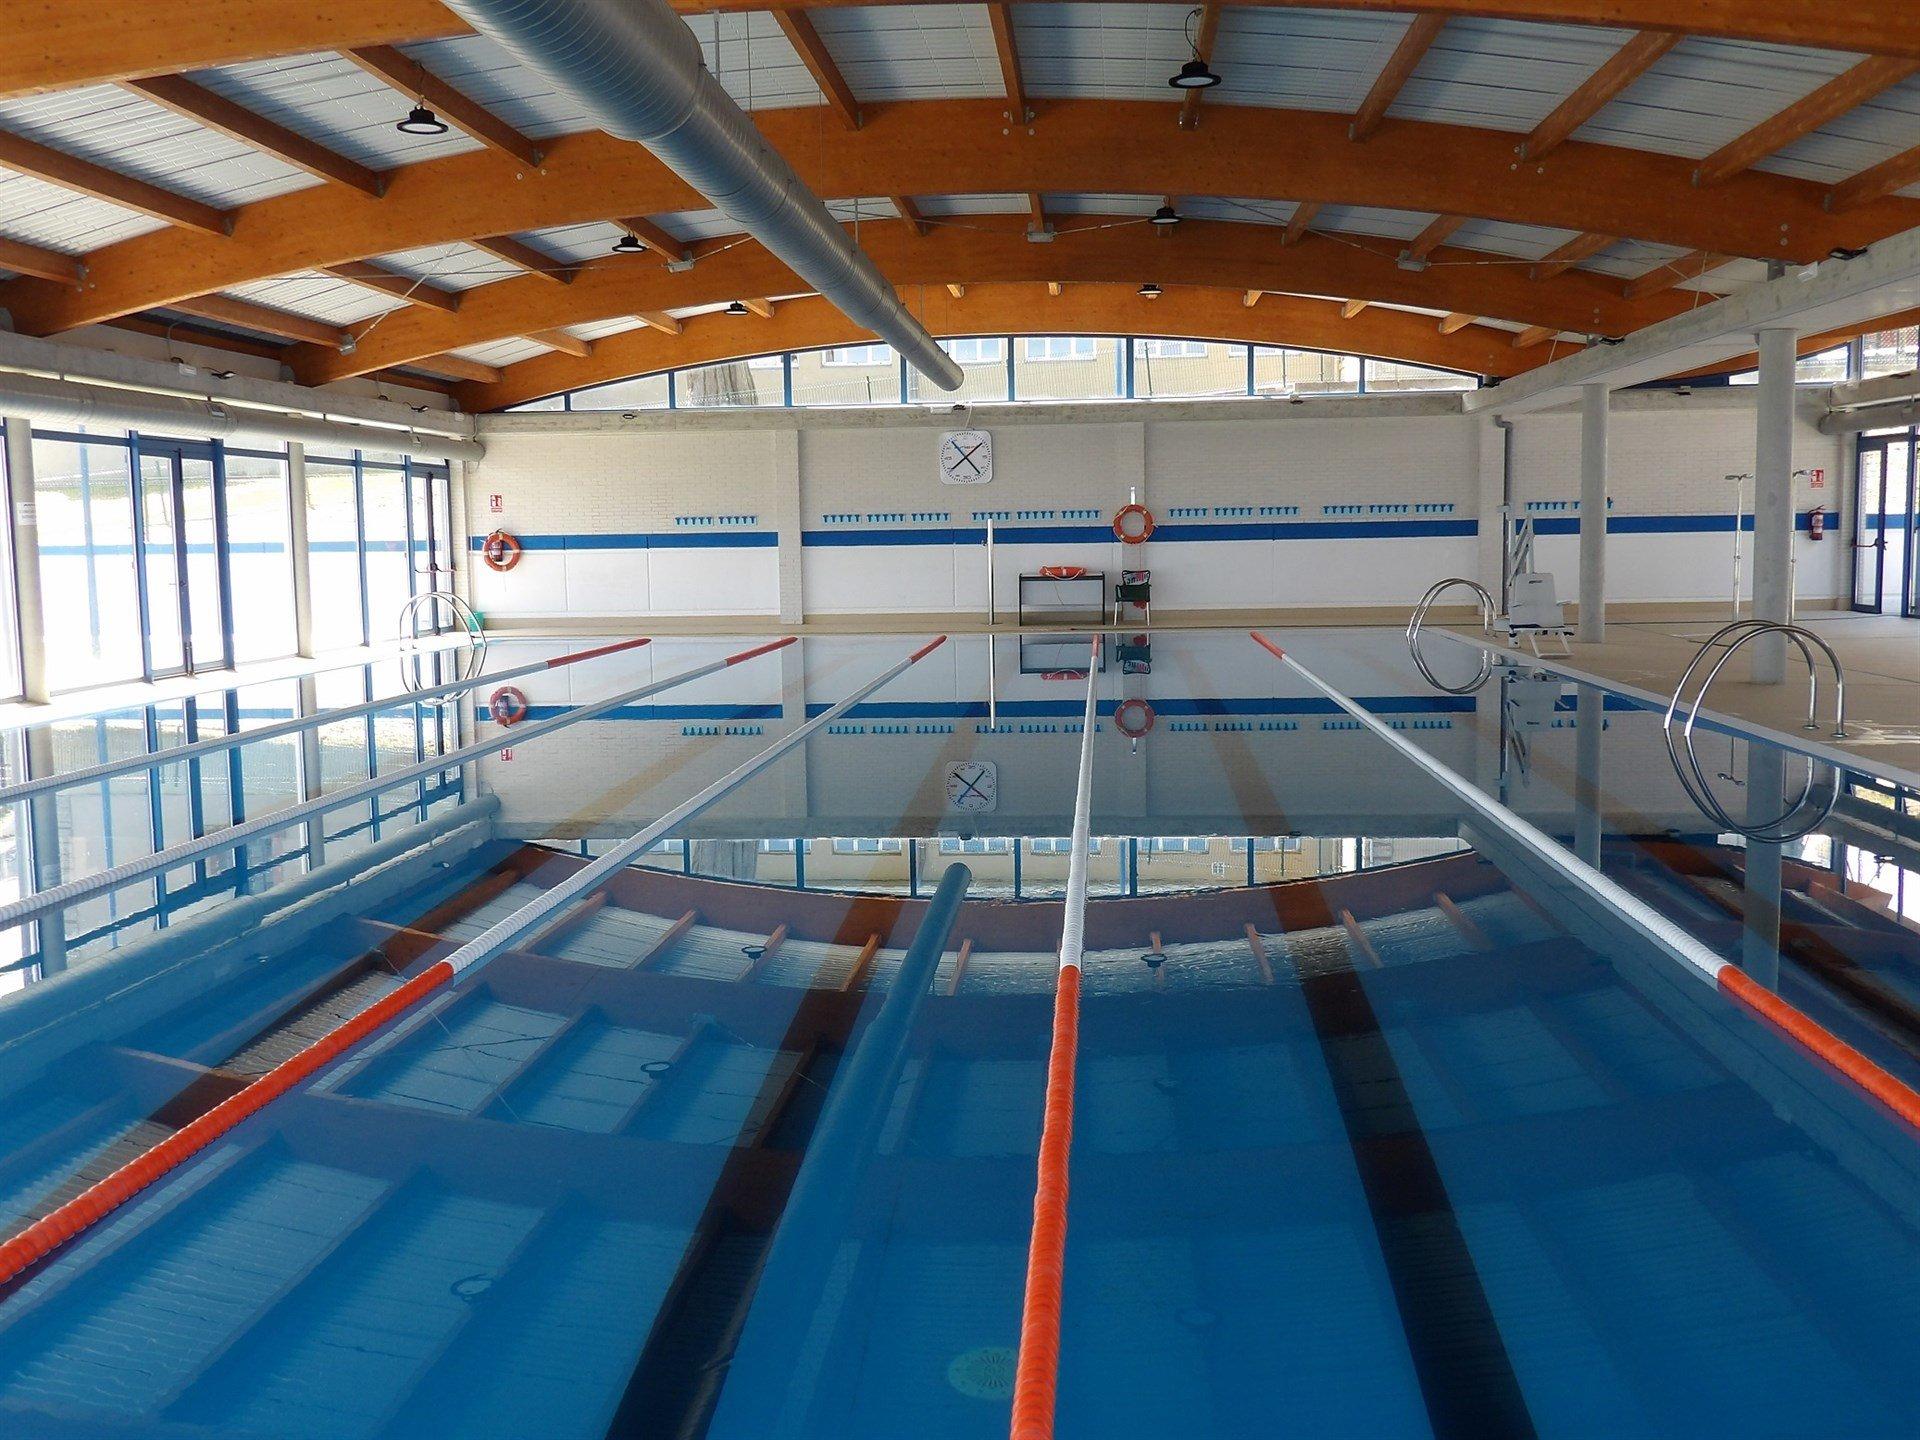 La piscina municipal abrir en horario continuo durante el verano - Piscina municipal santander ...